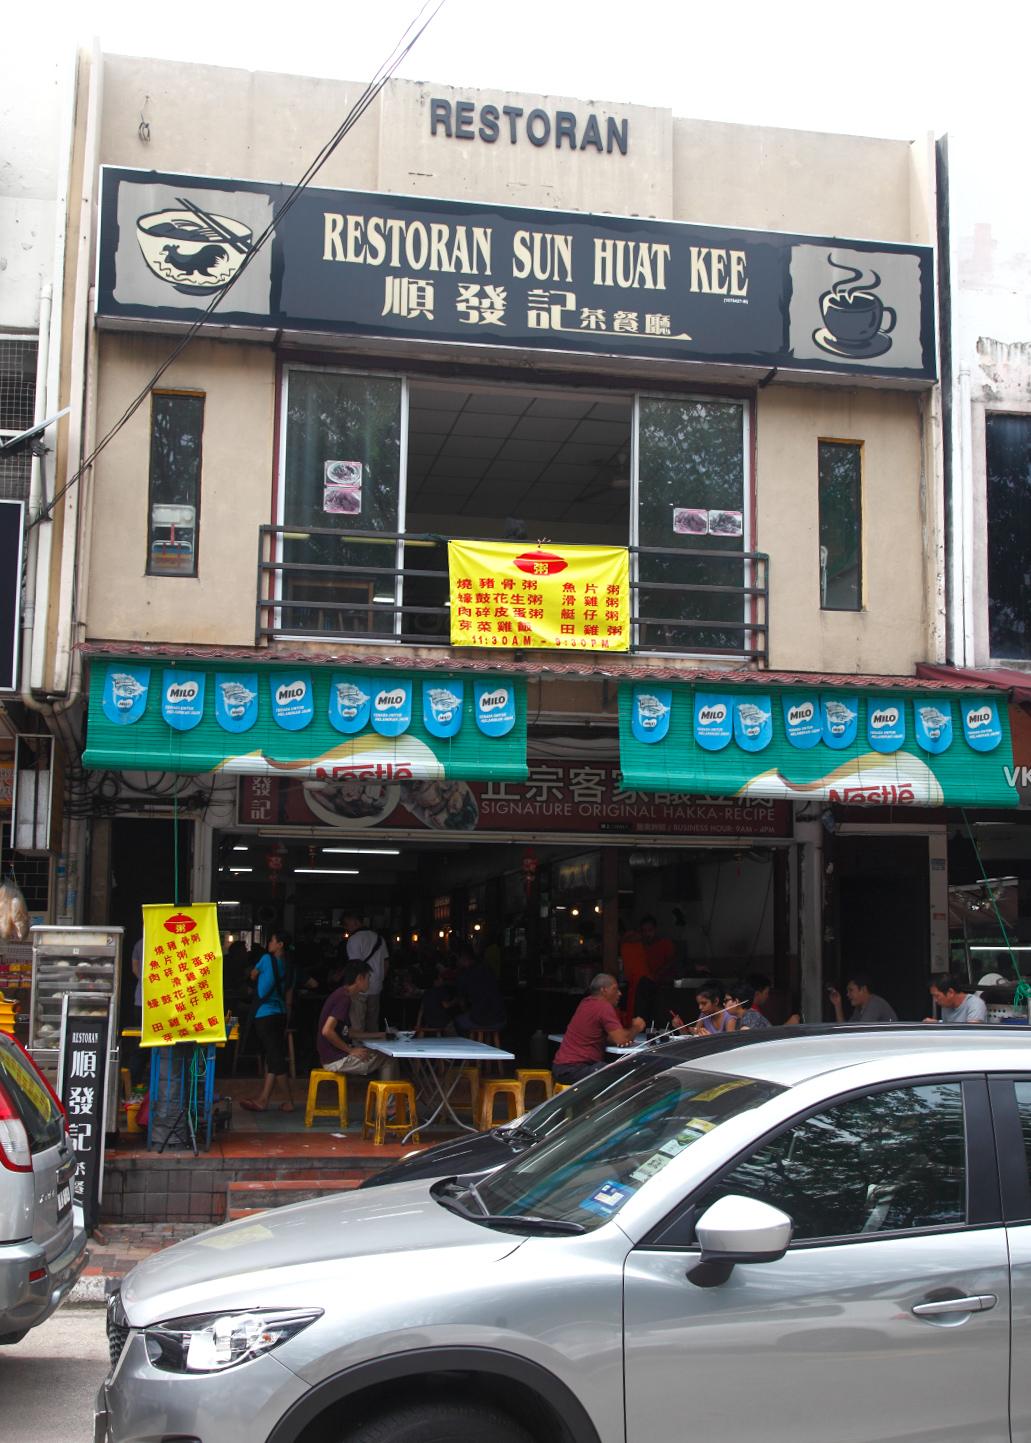 Sun Huat Kee Bangsar 커피 숍